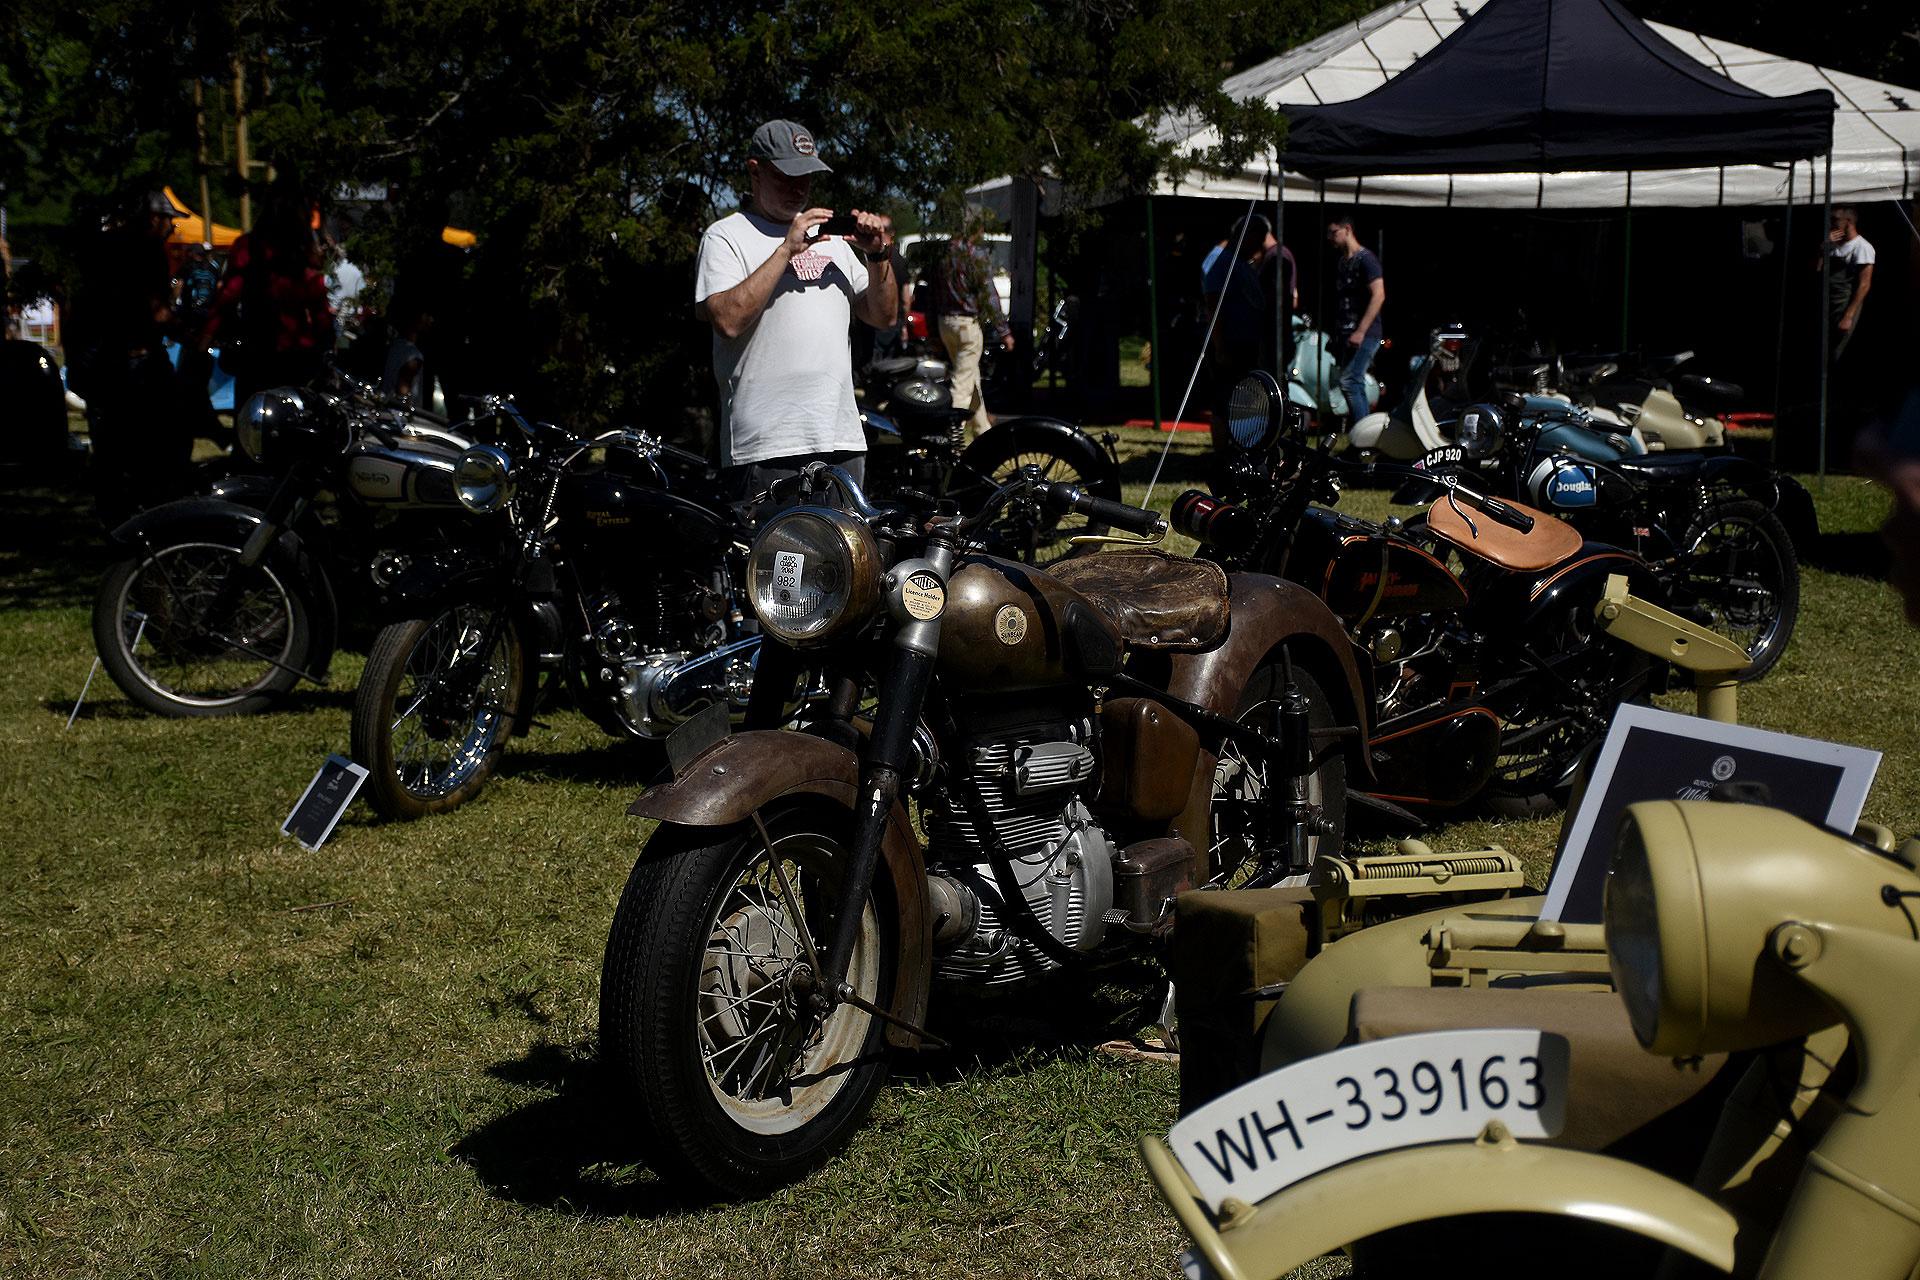 Modelos mezclados. Están las motos Gilera, Kawasaki, Zanella, Yamaha, Honda, Douglas, , Siambretta, Ducati, BMW junto a las míticas Harley-Davidson, Norton, Morgan, Royal Enfield, Douglas y Triumph. Piezas de dos ruedas queabsorben toda la fascinación de los motociclistas